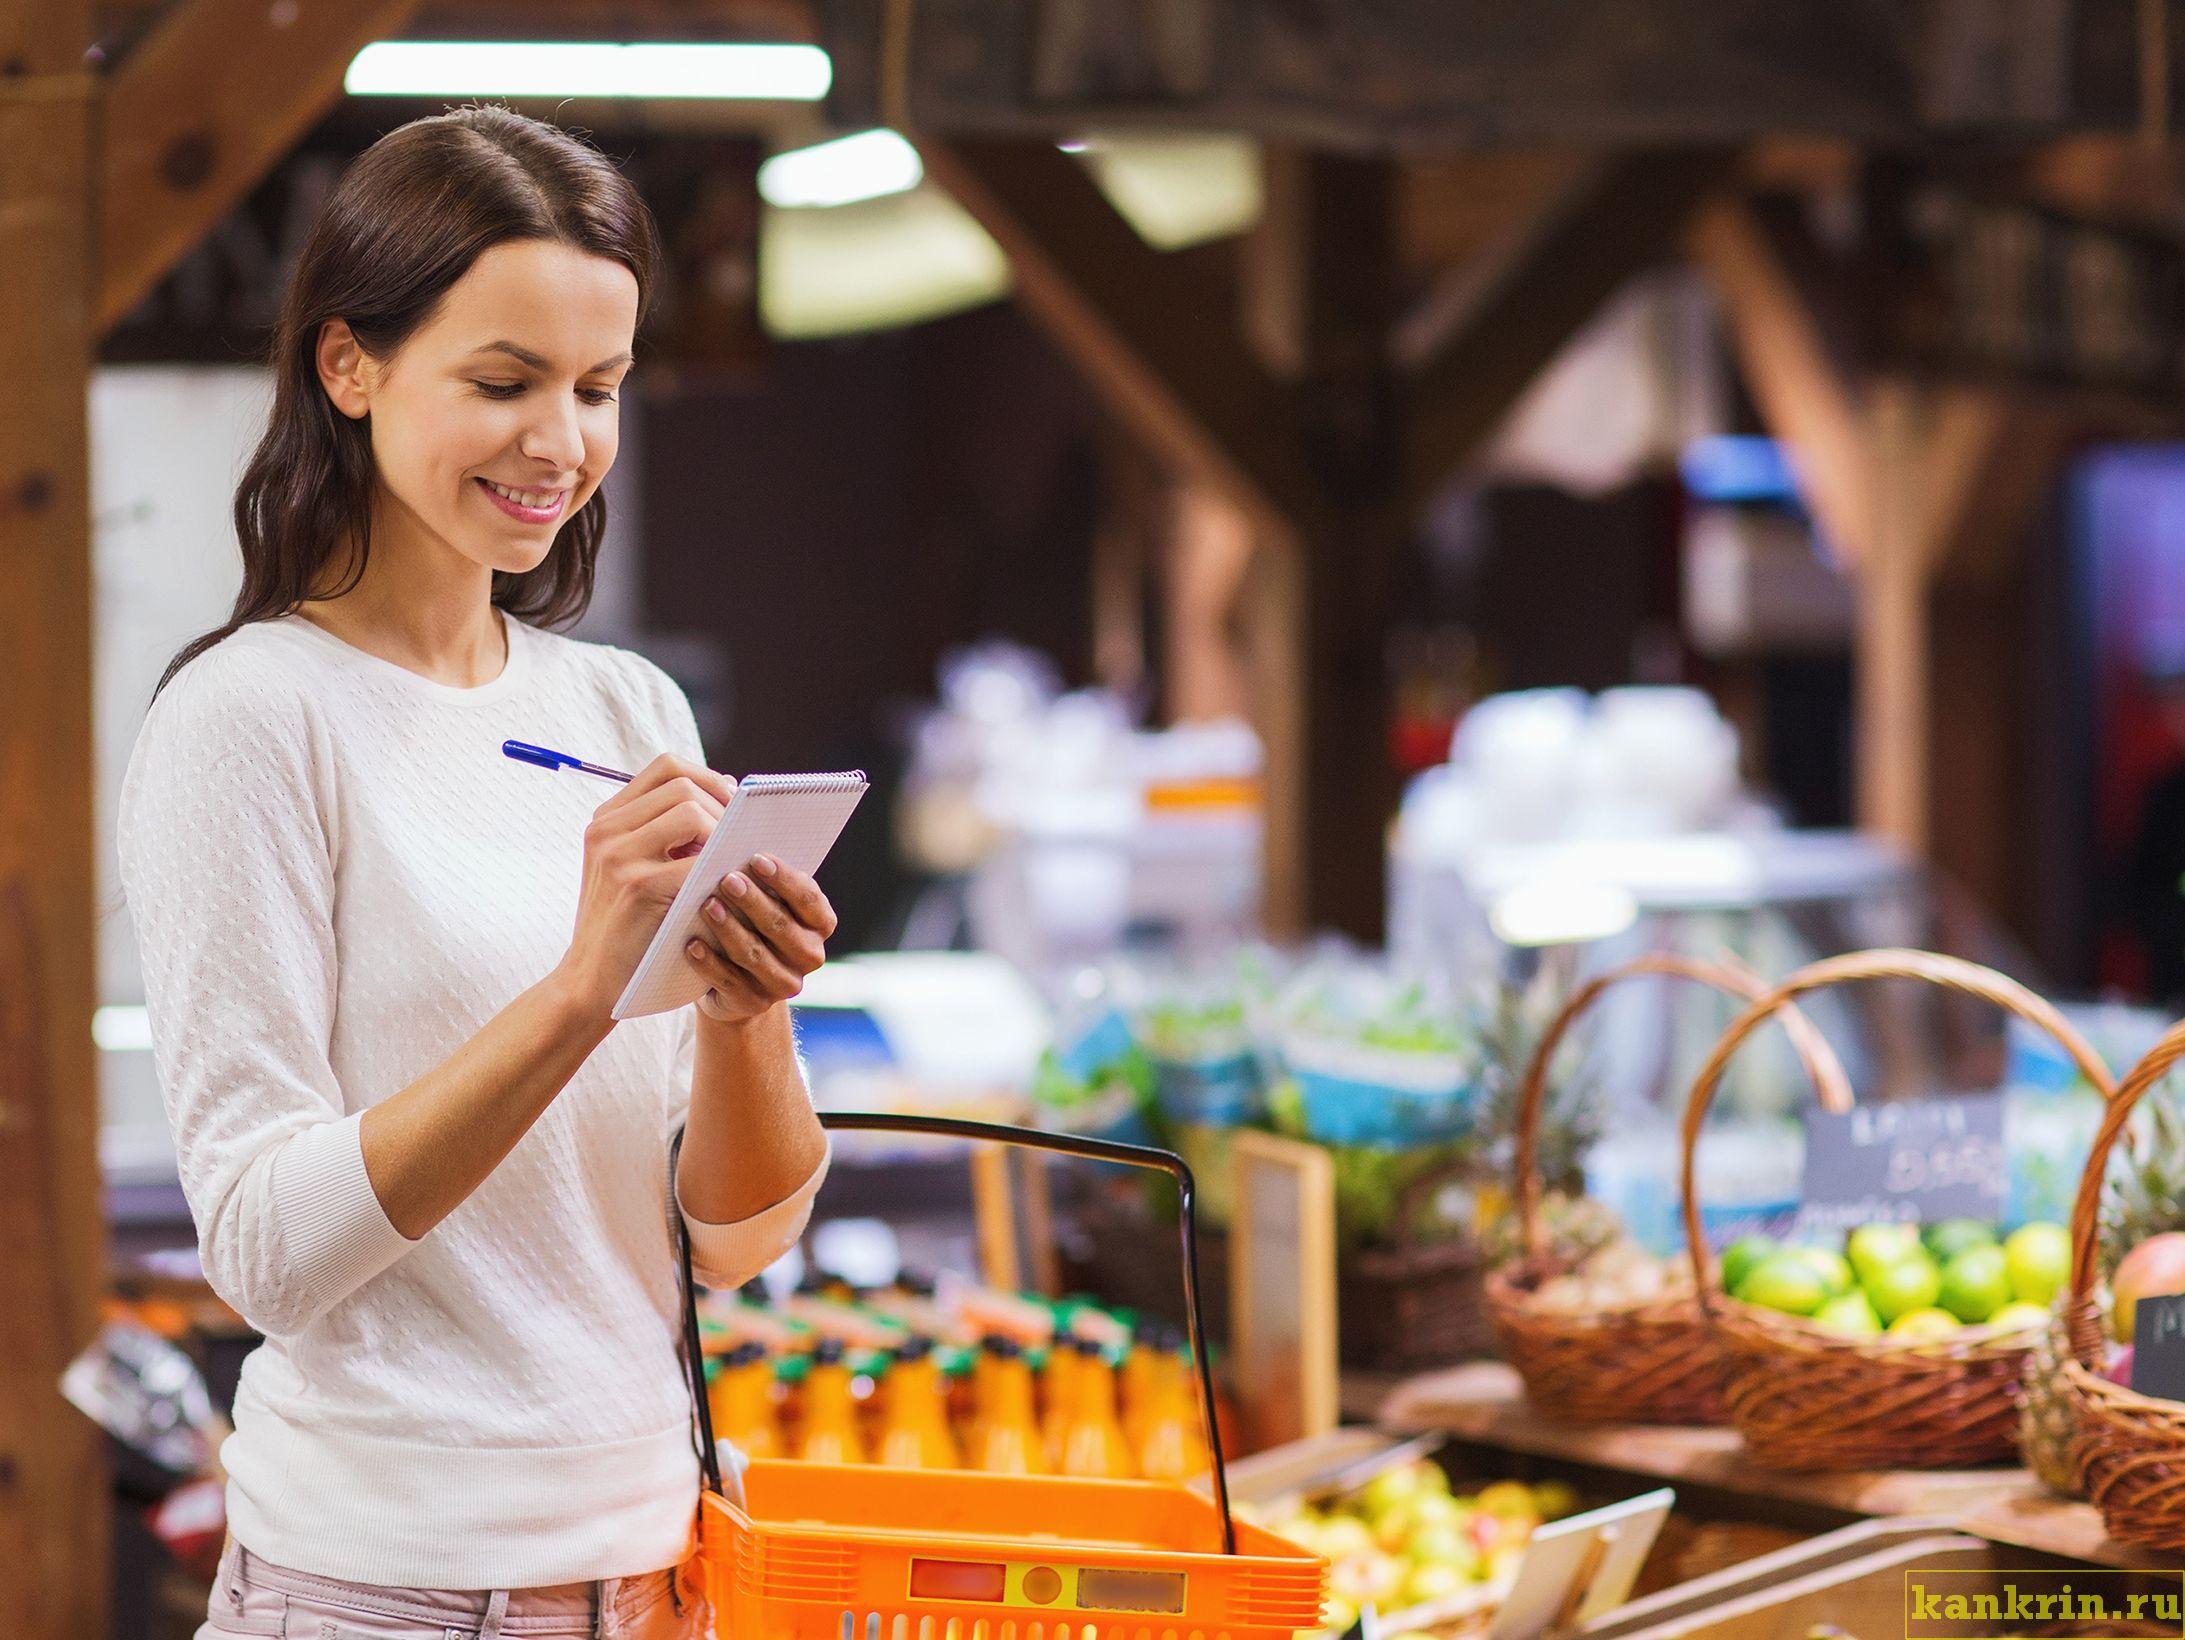 девушка в магазине экономит на еде по списку